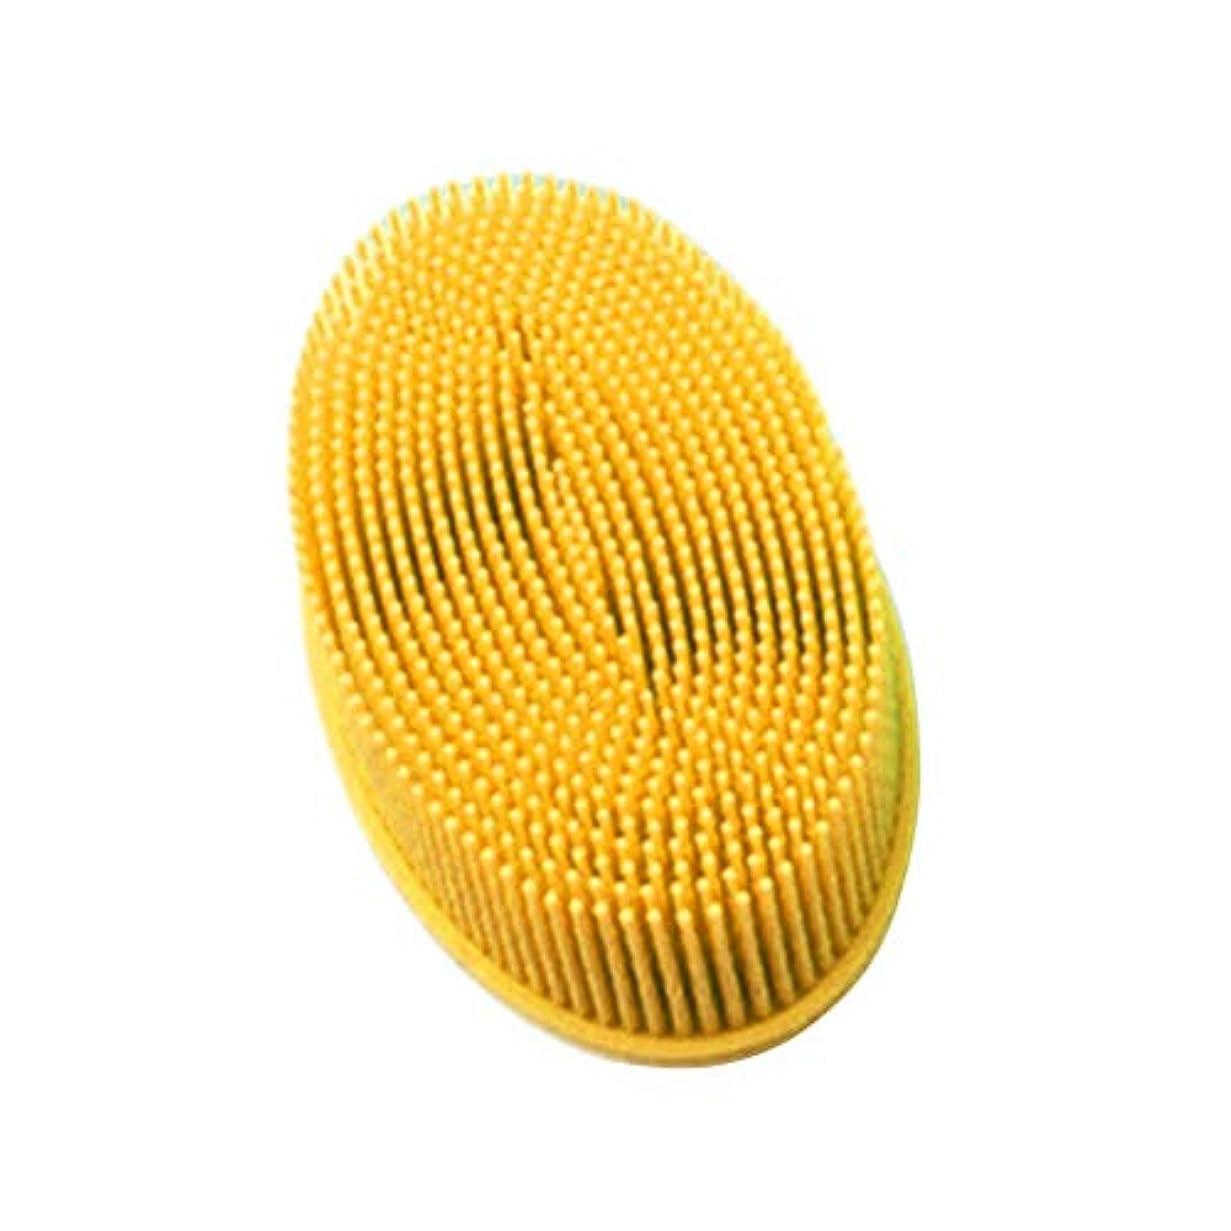 TOPBATHY シリコンシャワーブラシ 頭皮 洗顔 ボディブラシ お風呂 柔らかい 体洗いブラシ 肌にやさしい 多機能 角質除去 疲れ解消(イエロー)